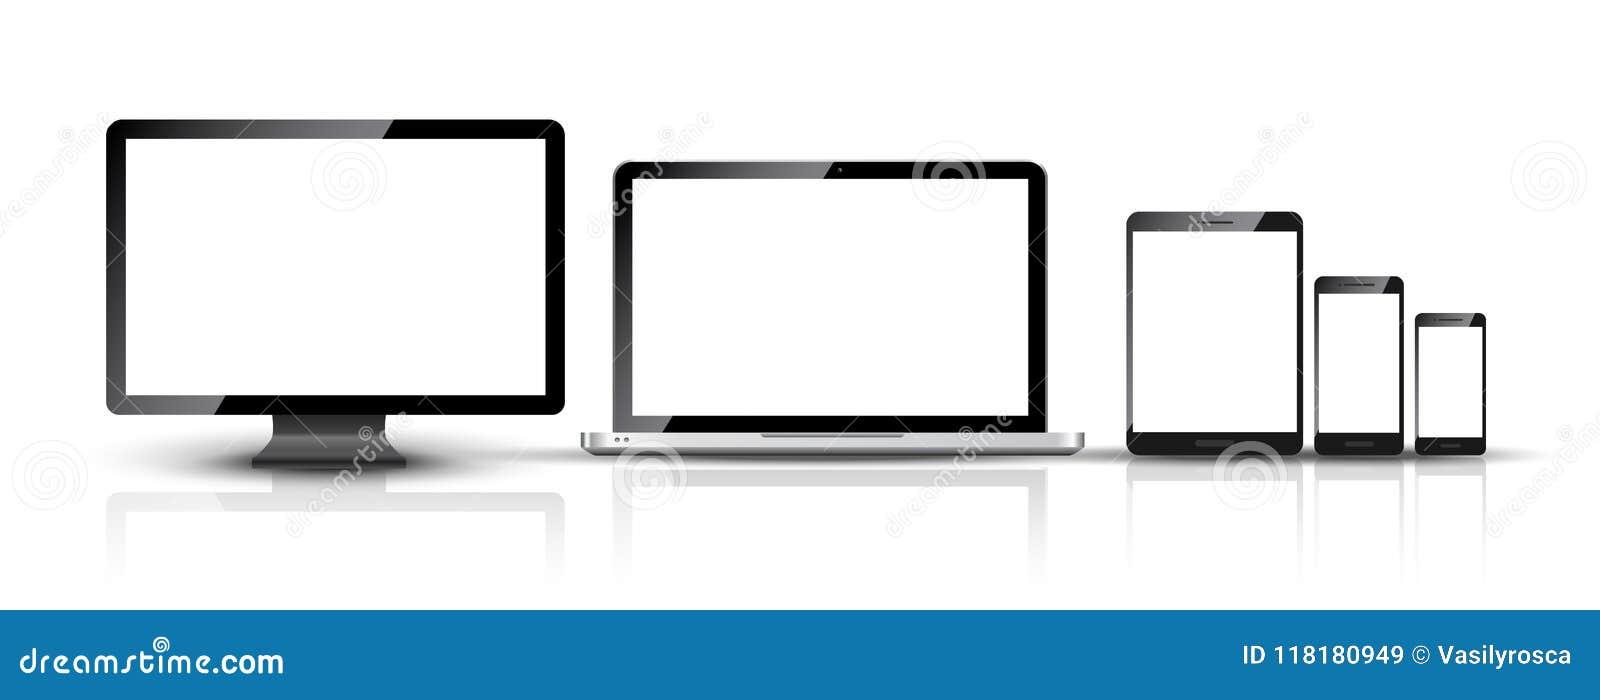 La PC del monitor de computadora, del smartphone, del ordenador portátil y de la tableta diseña Sistema digital elegante del disp